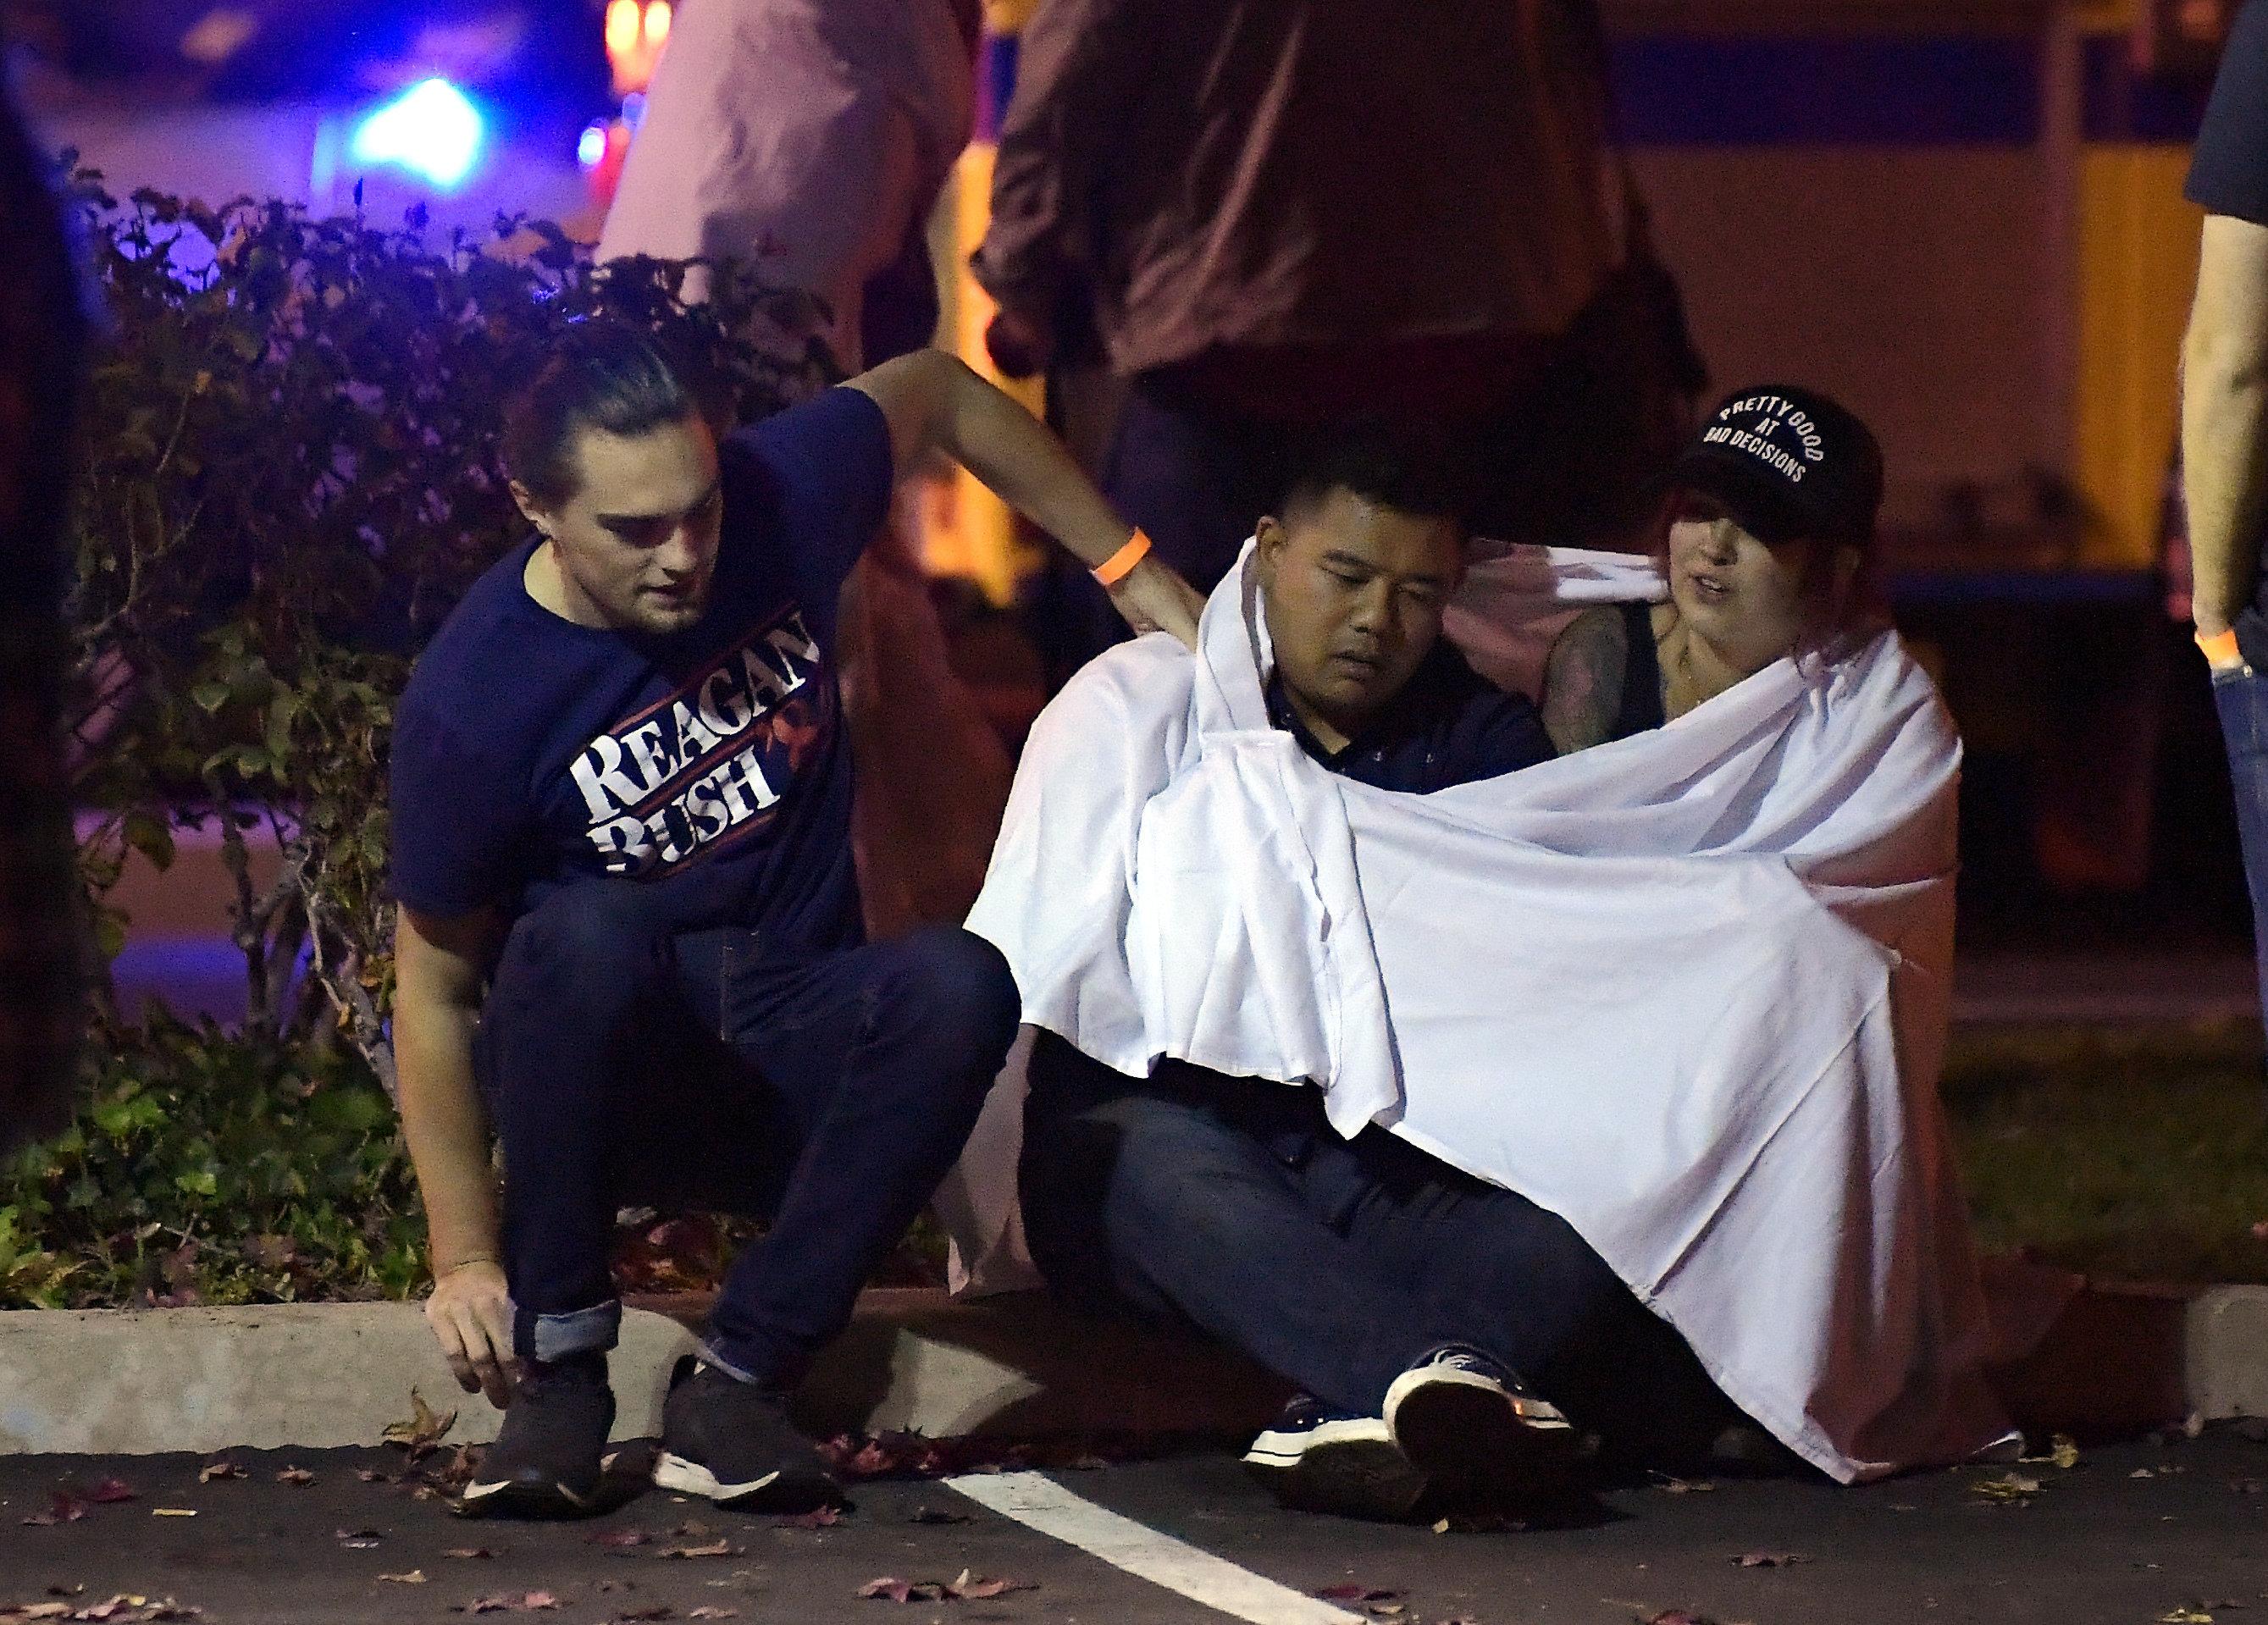 Ένοπλος σκότωσε περισσότερα από 10 άτομα σε μπαρ στην Καλιφόρνια (pics-vid)